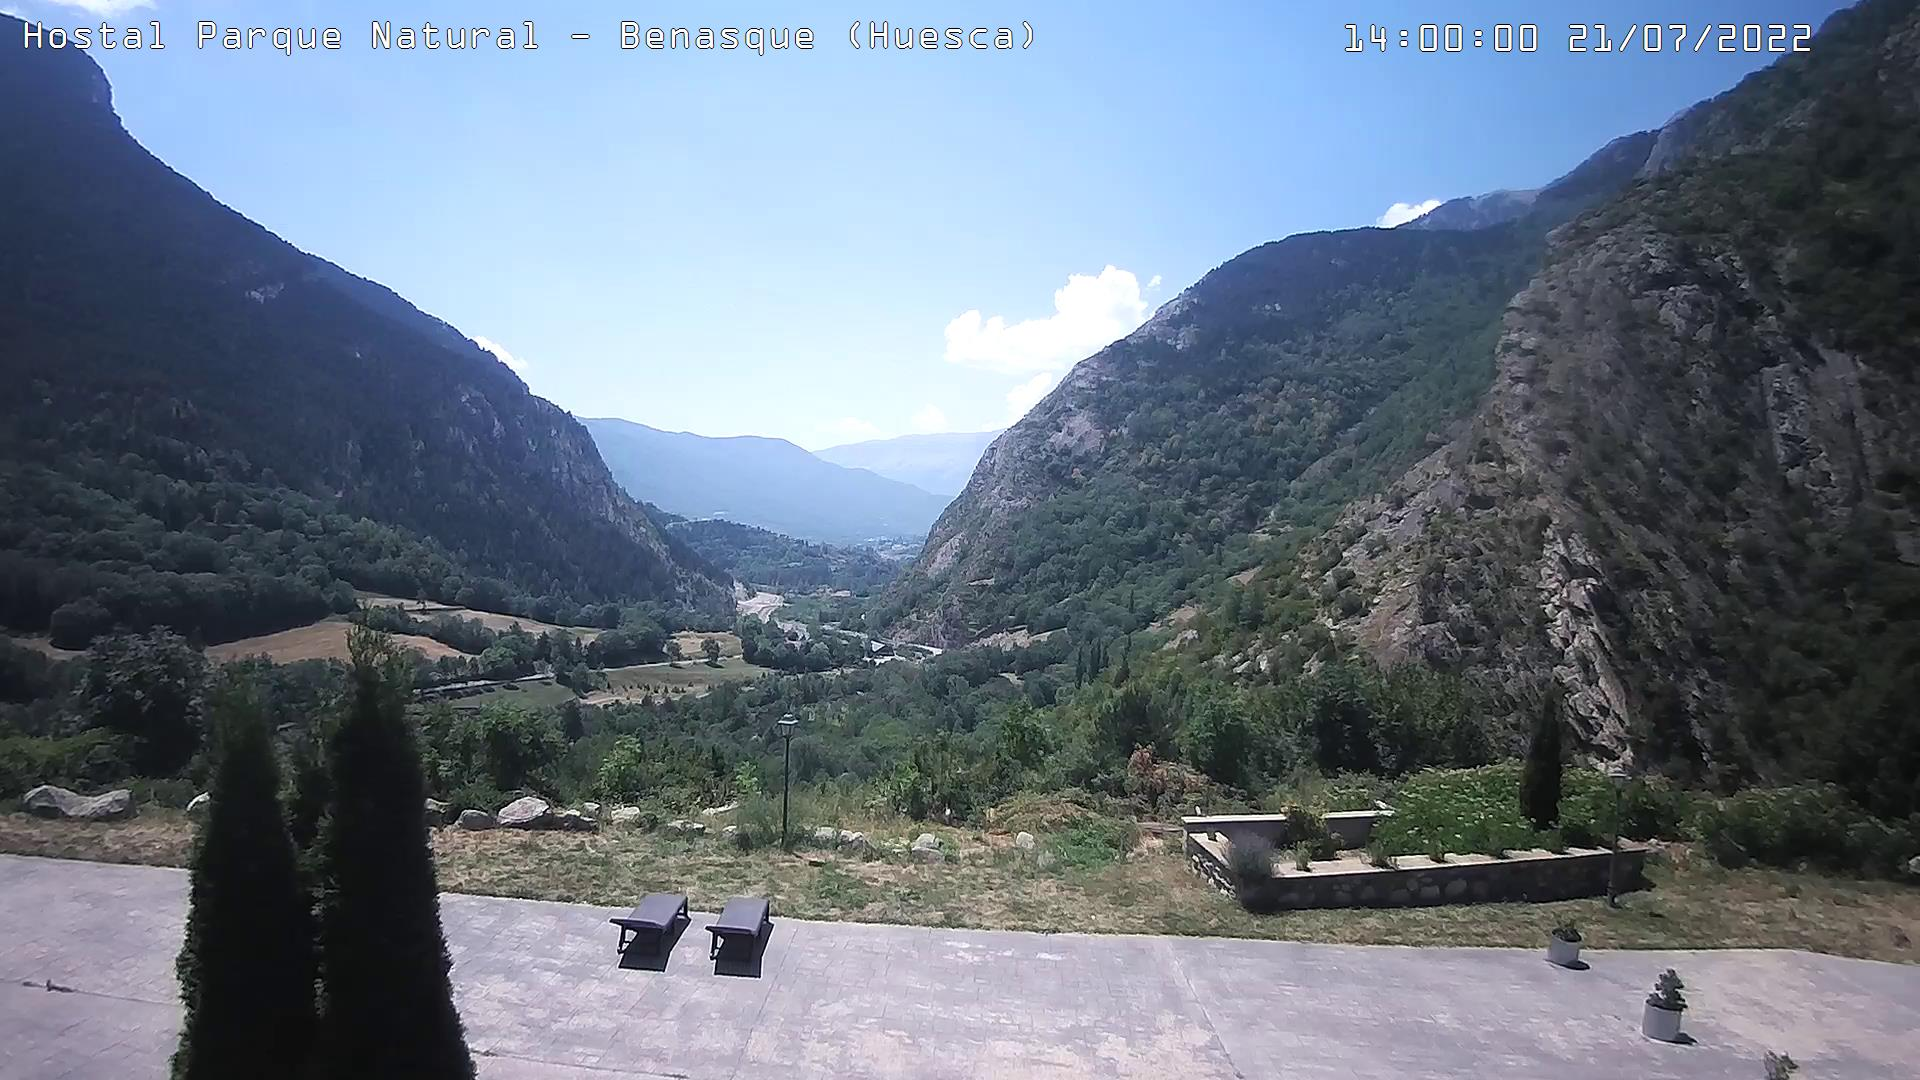 Hostal Parque Natural Benasque